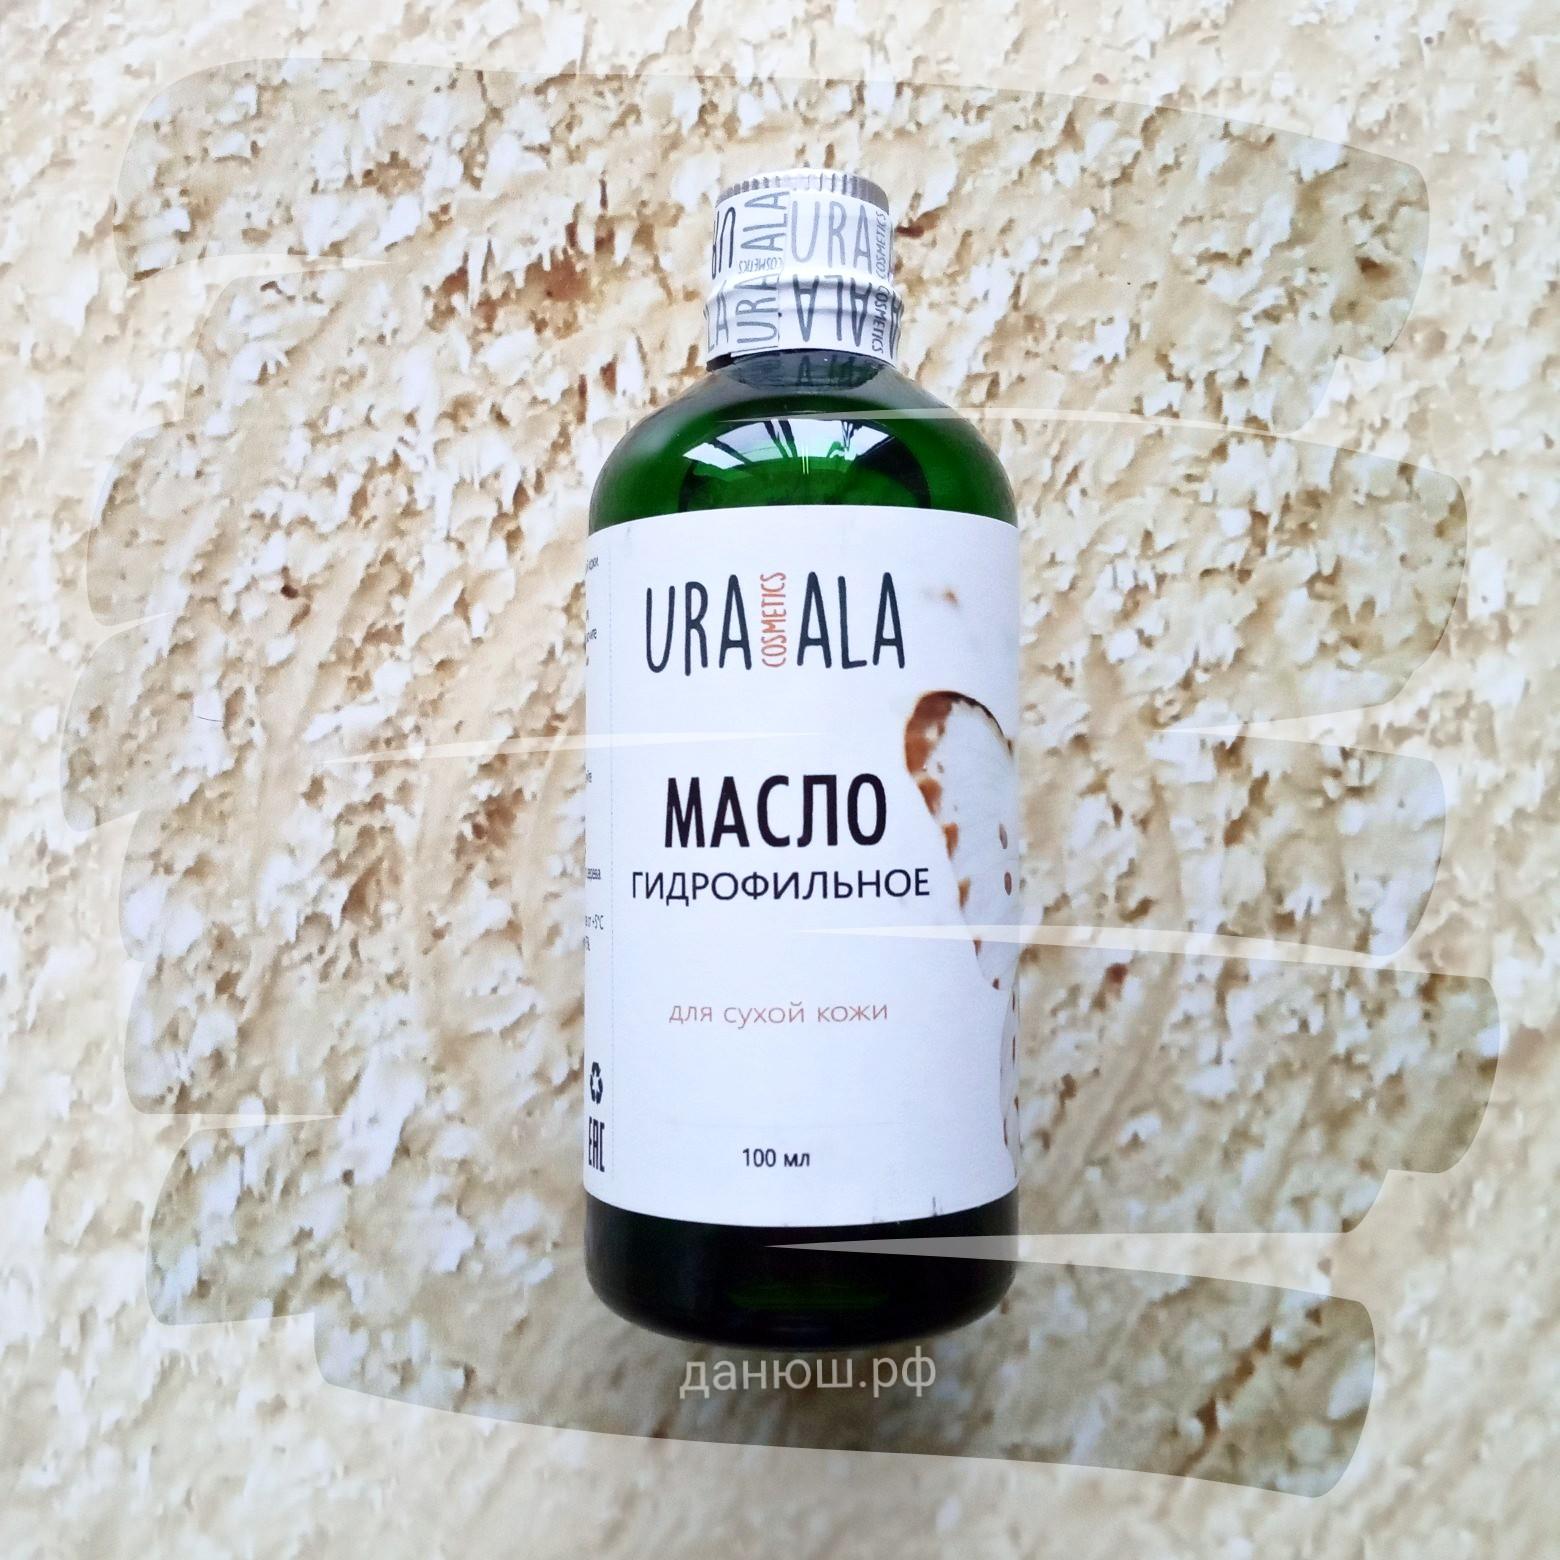 Гидрофильное масло— уникальное азиатское средство для лица, обладающее очищающими и ухаживающими свойствами